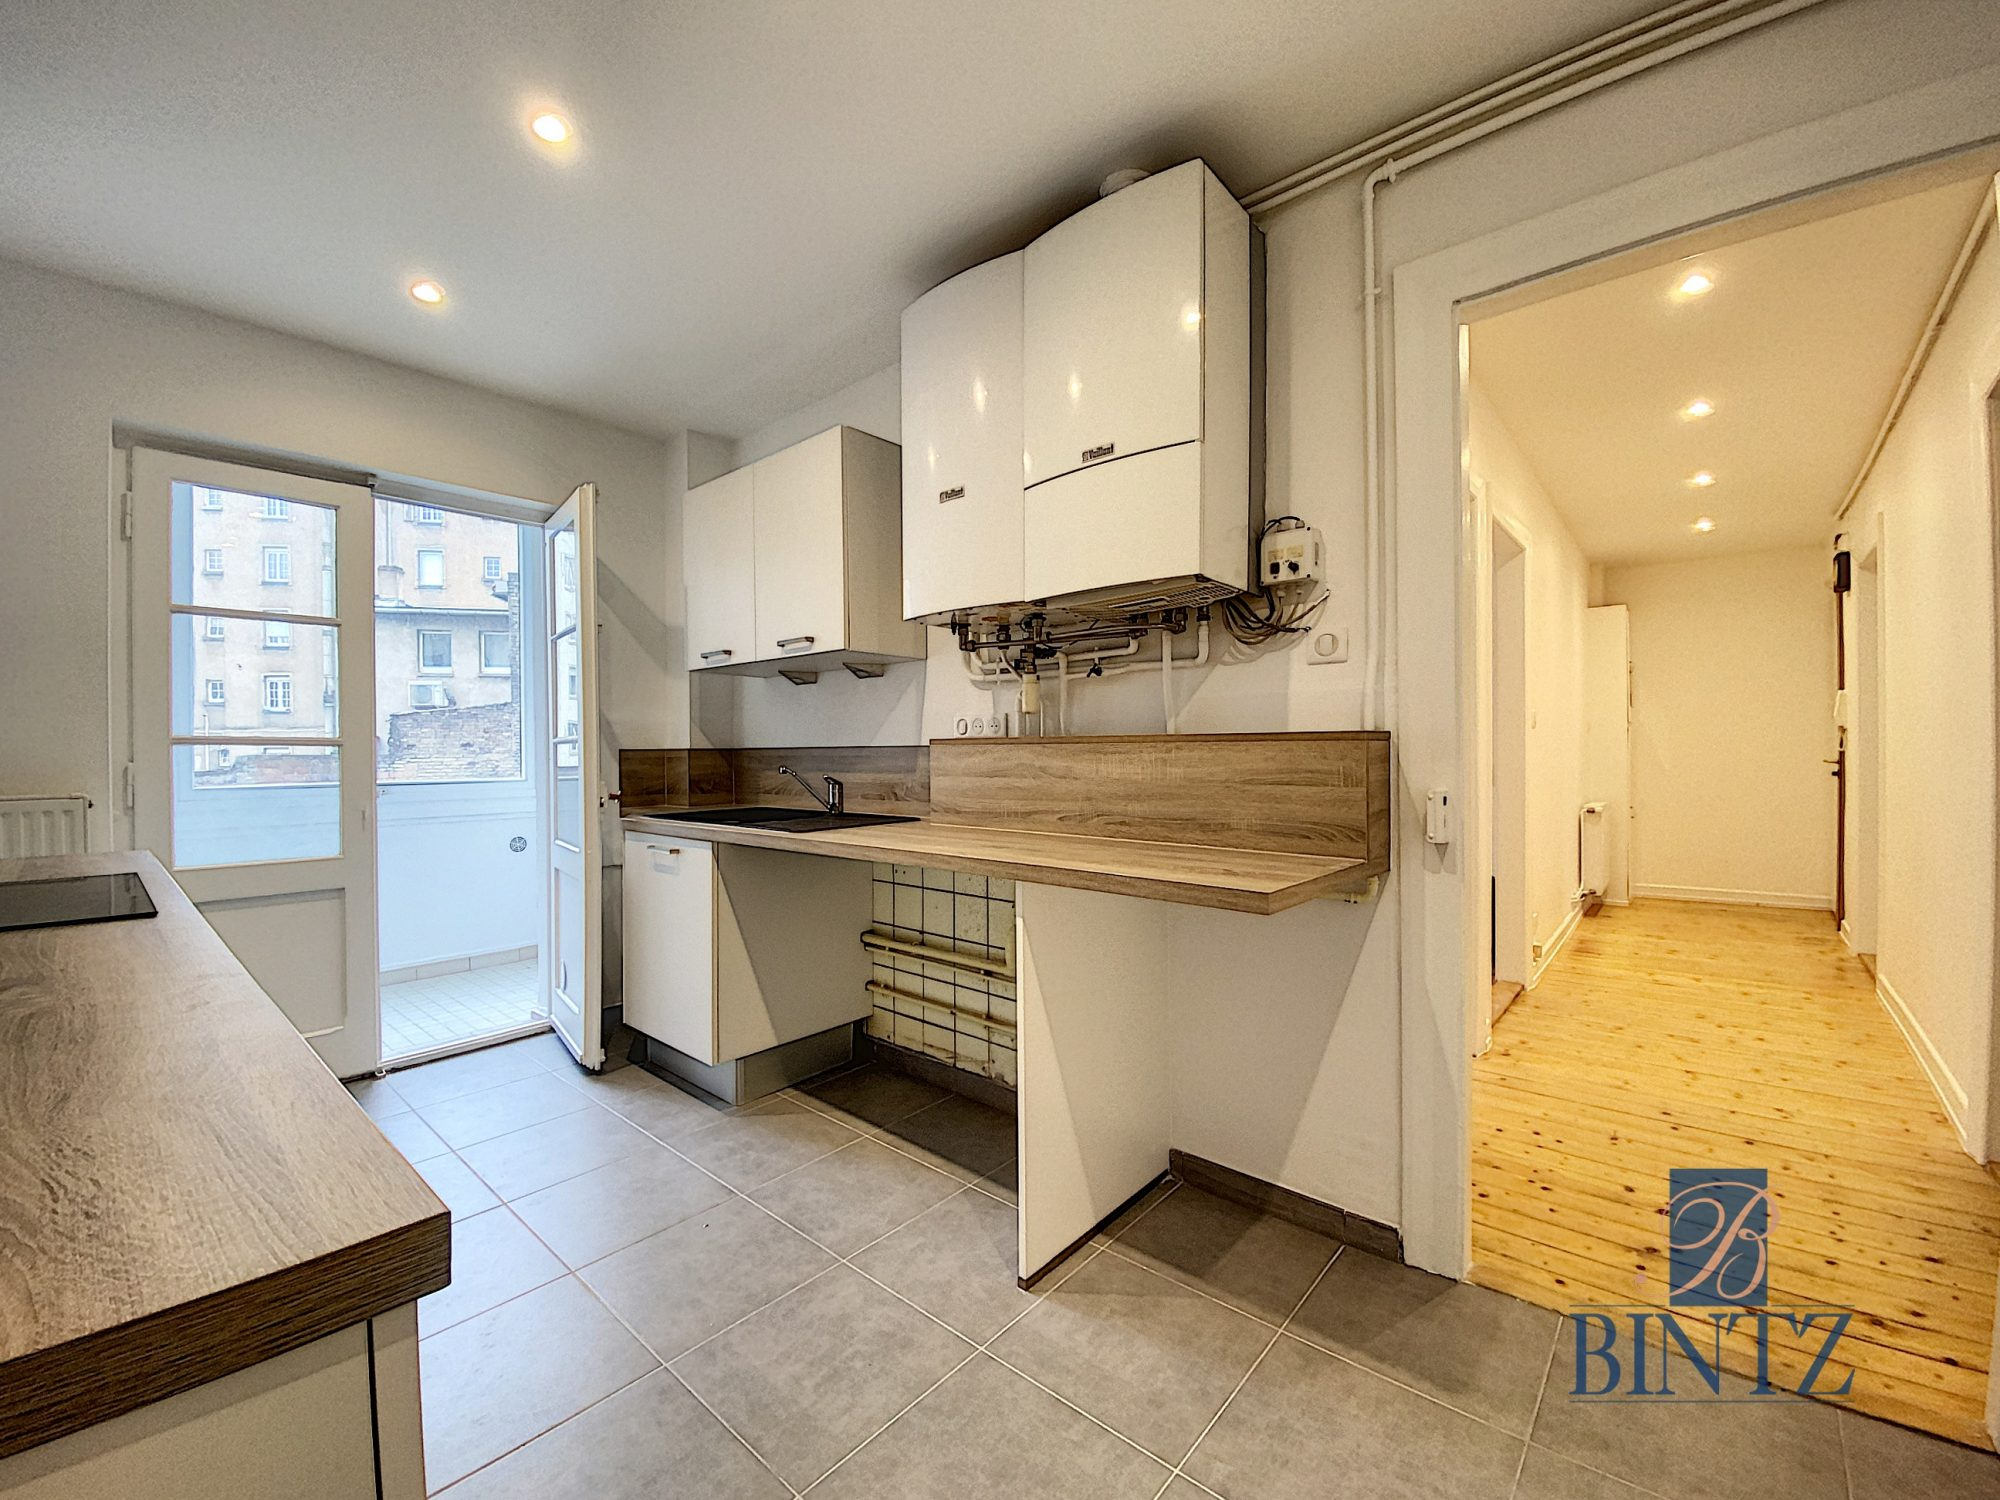 Appartement 3 pièces 69m2 dans le quartier des XV - Devenez propriétaire en toute confiance - Bintz Immobilier - 2